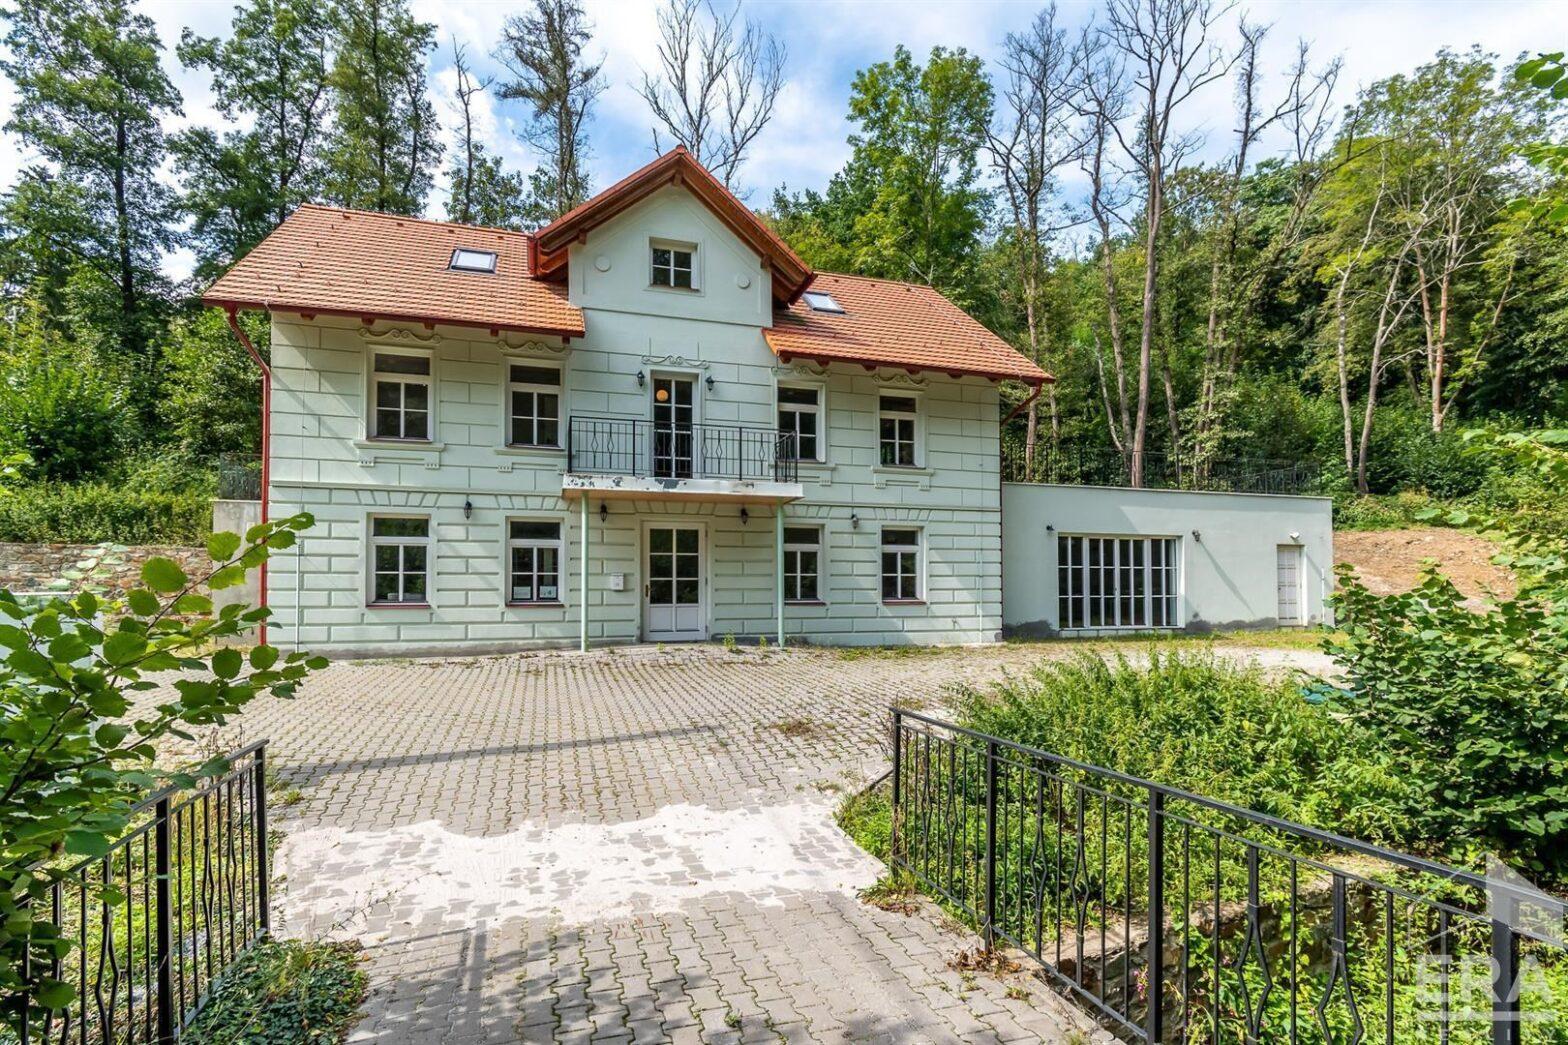 Prodej nemovitosti vhodné pro developerský projekt